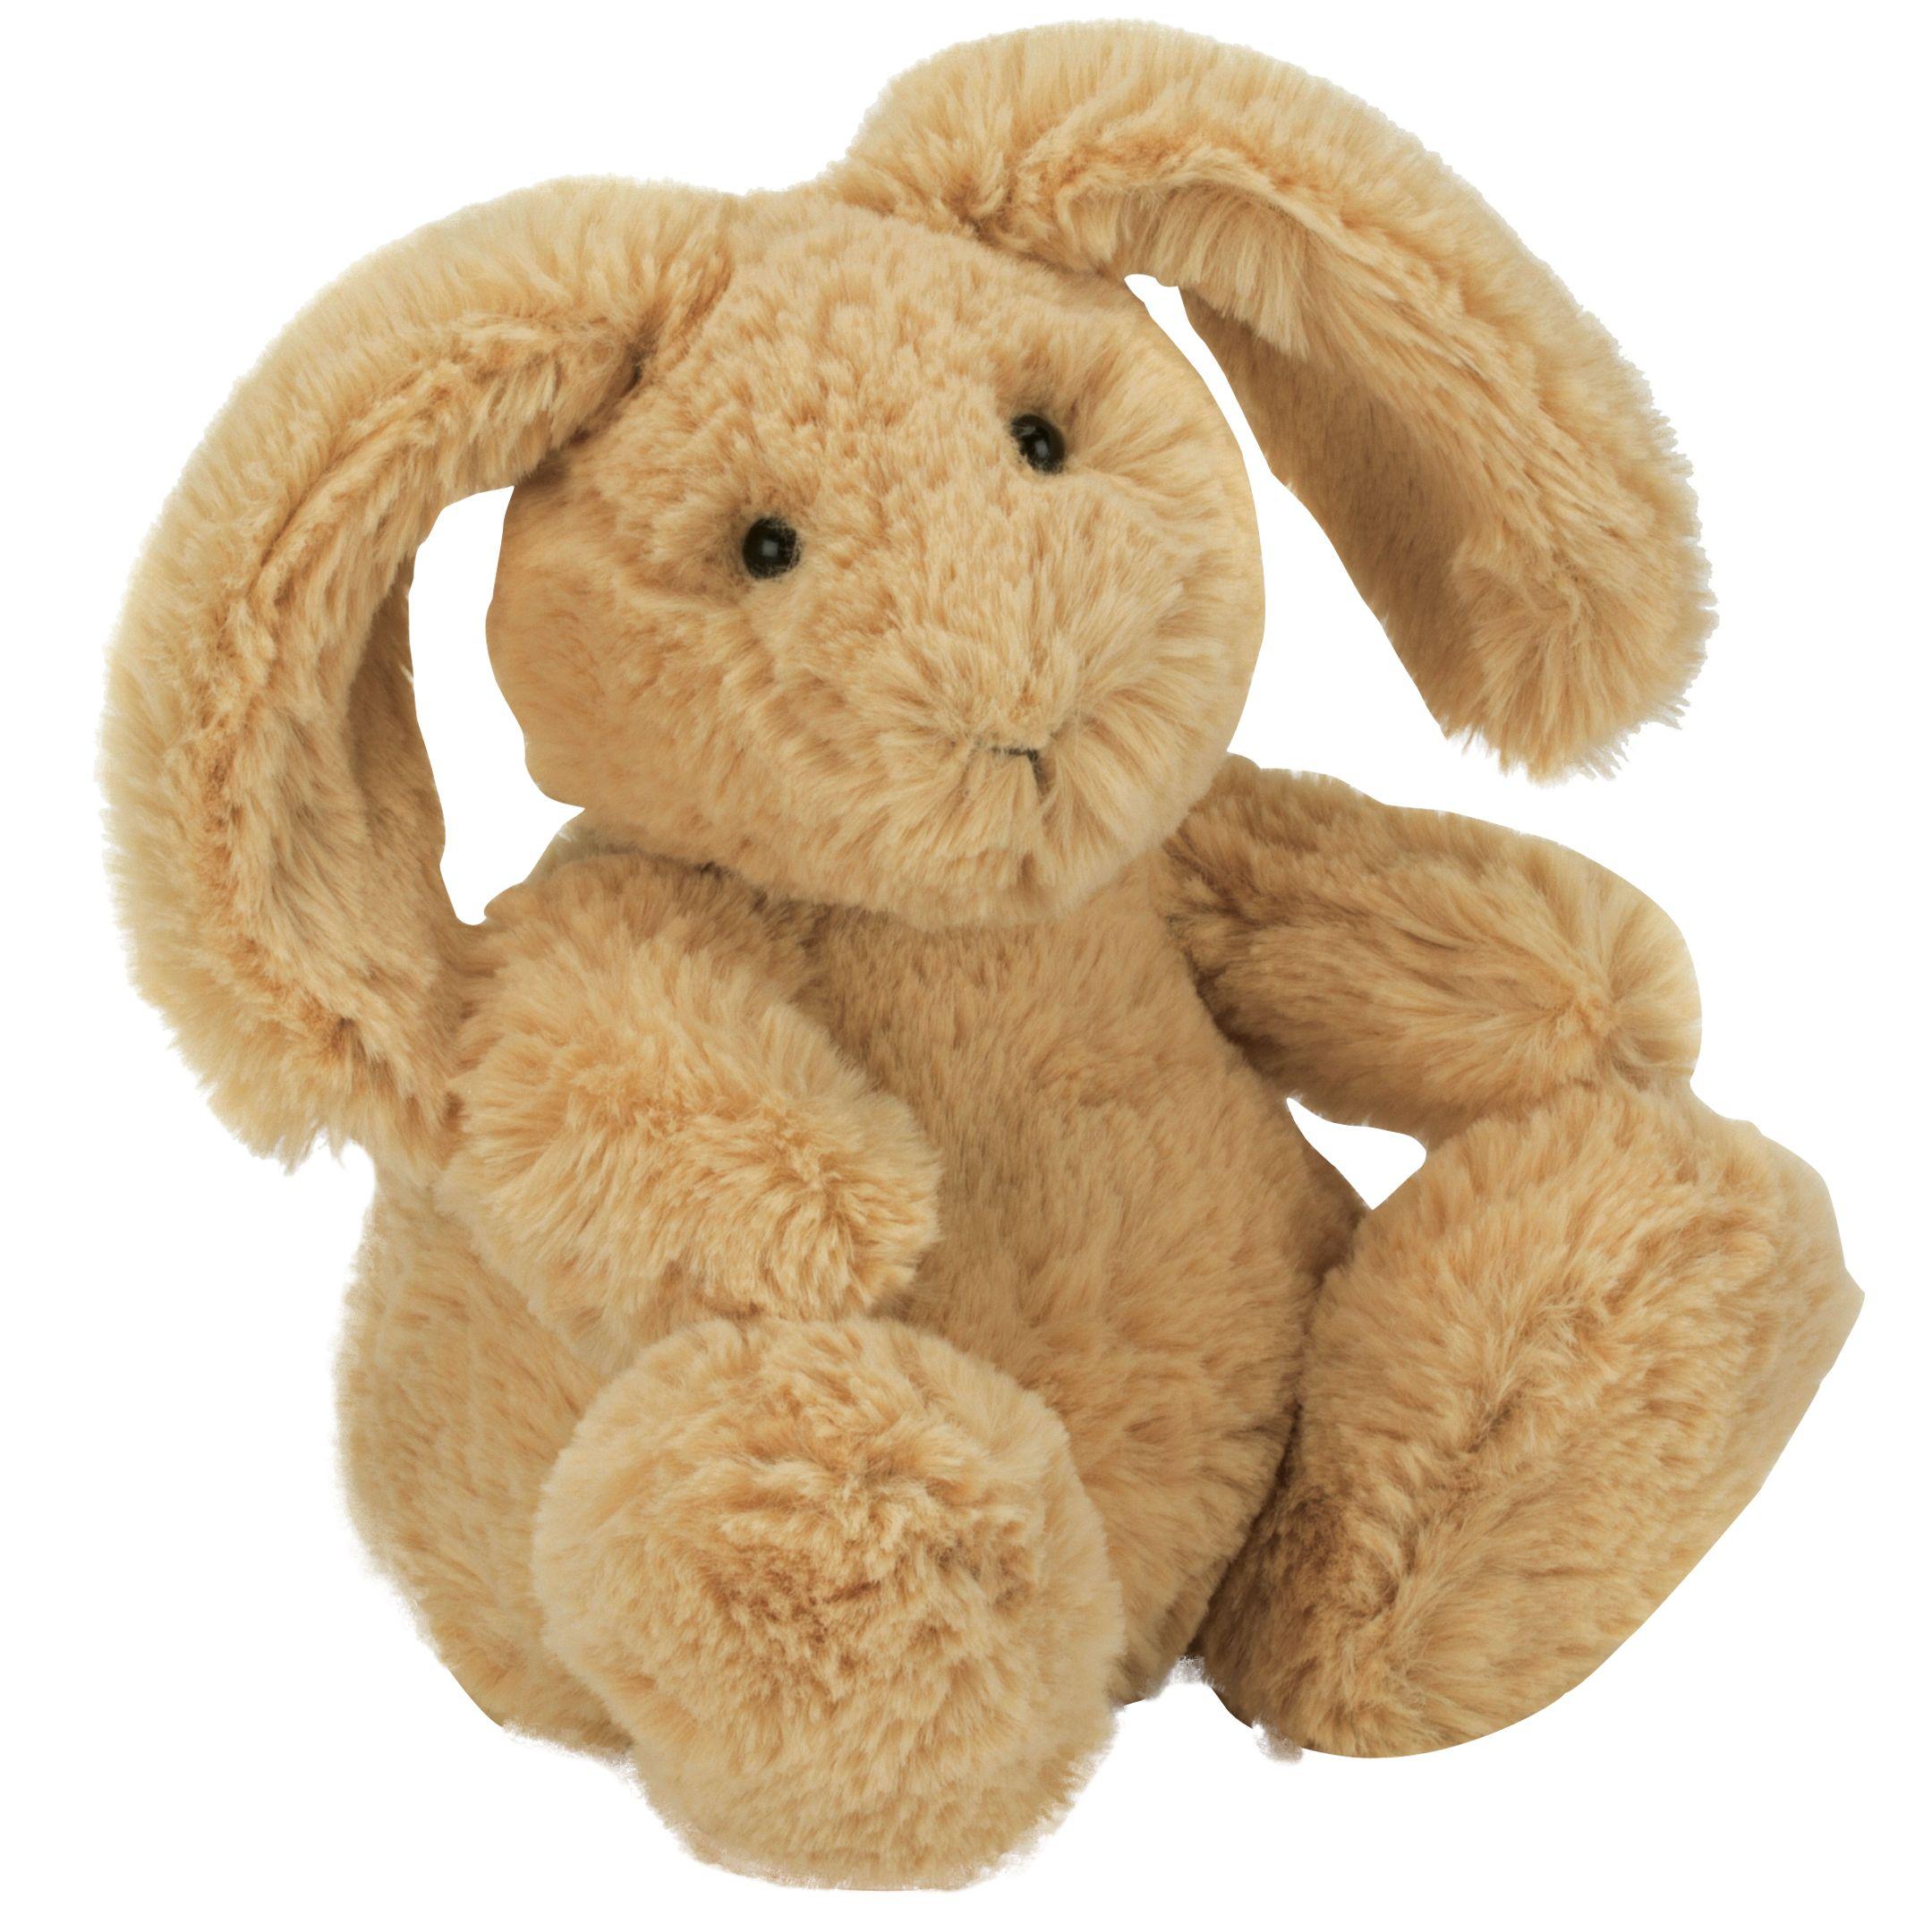 Jellycat Jellycat Poppet Honey Bunny Soft Toy